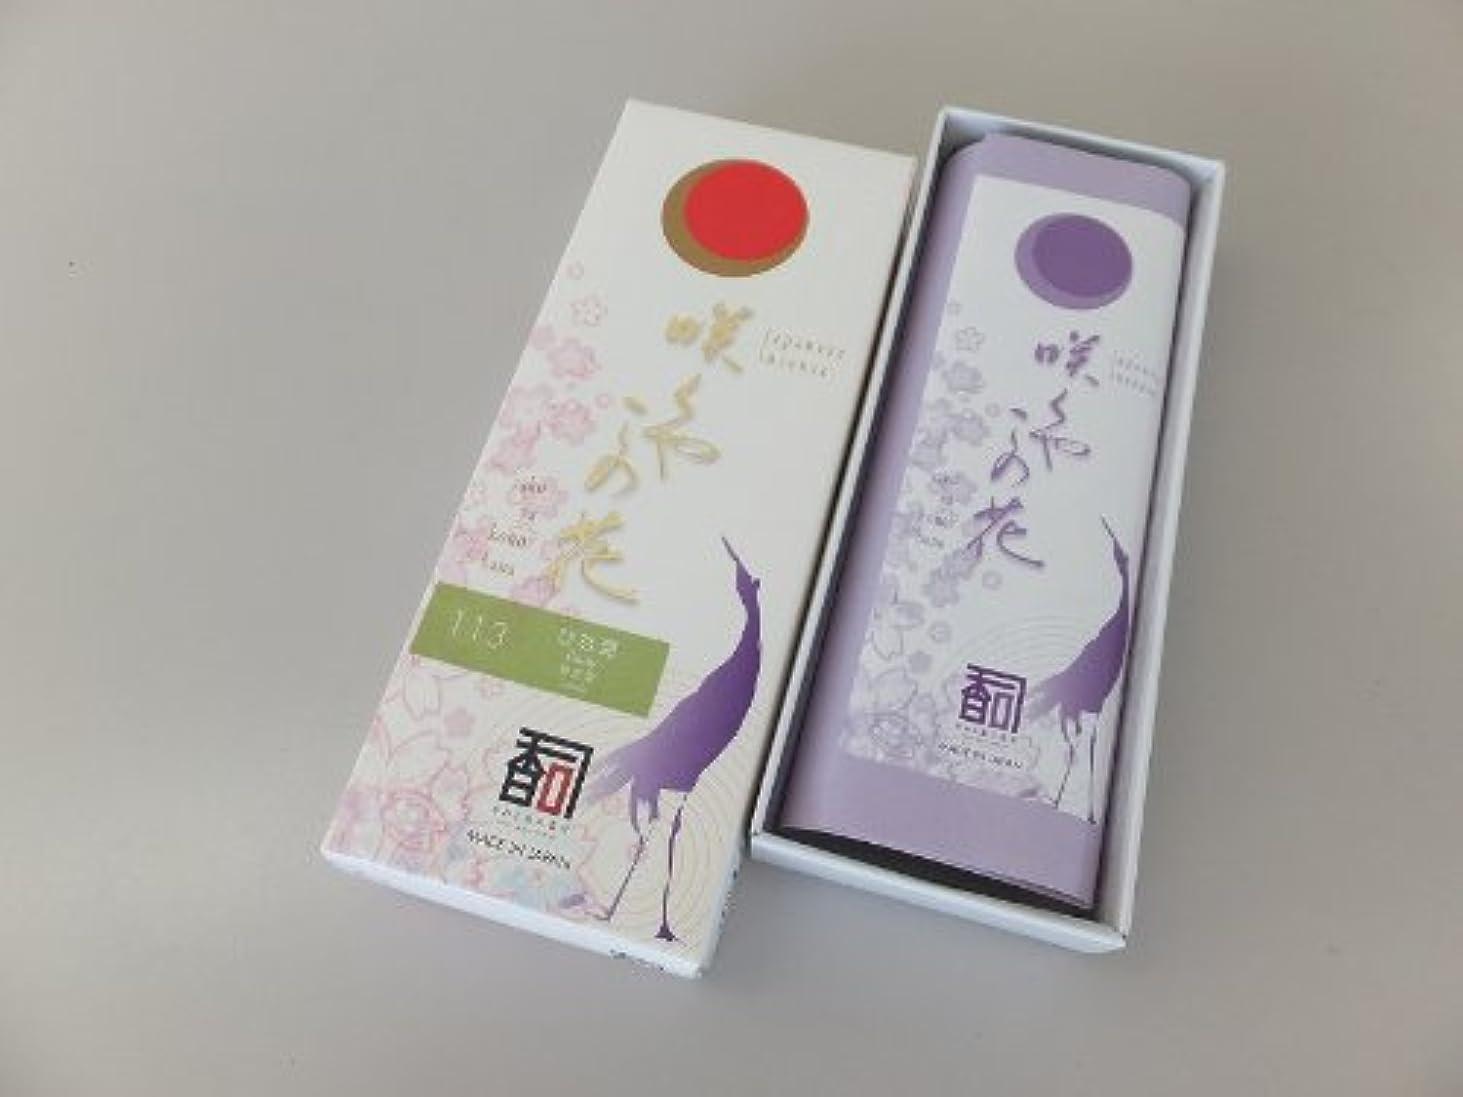 ファブリック適度に湿原「あわじ島の香司」 日本の香りシリーズ  [咲くや この花] 【113】 ひな菊 (有煙)